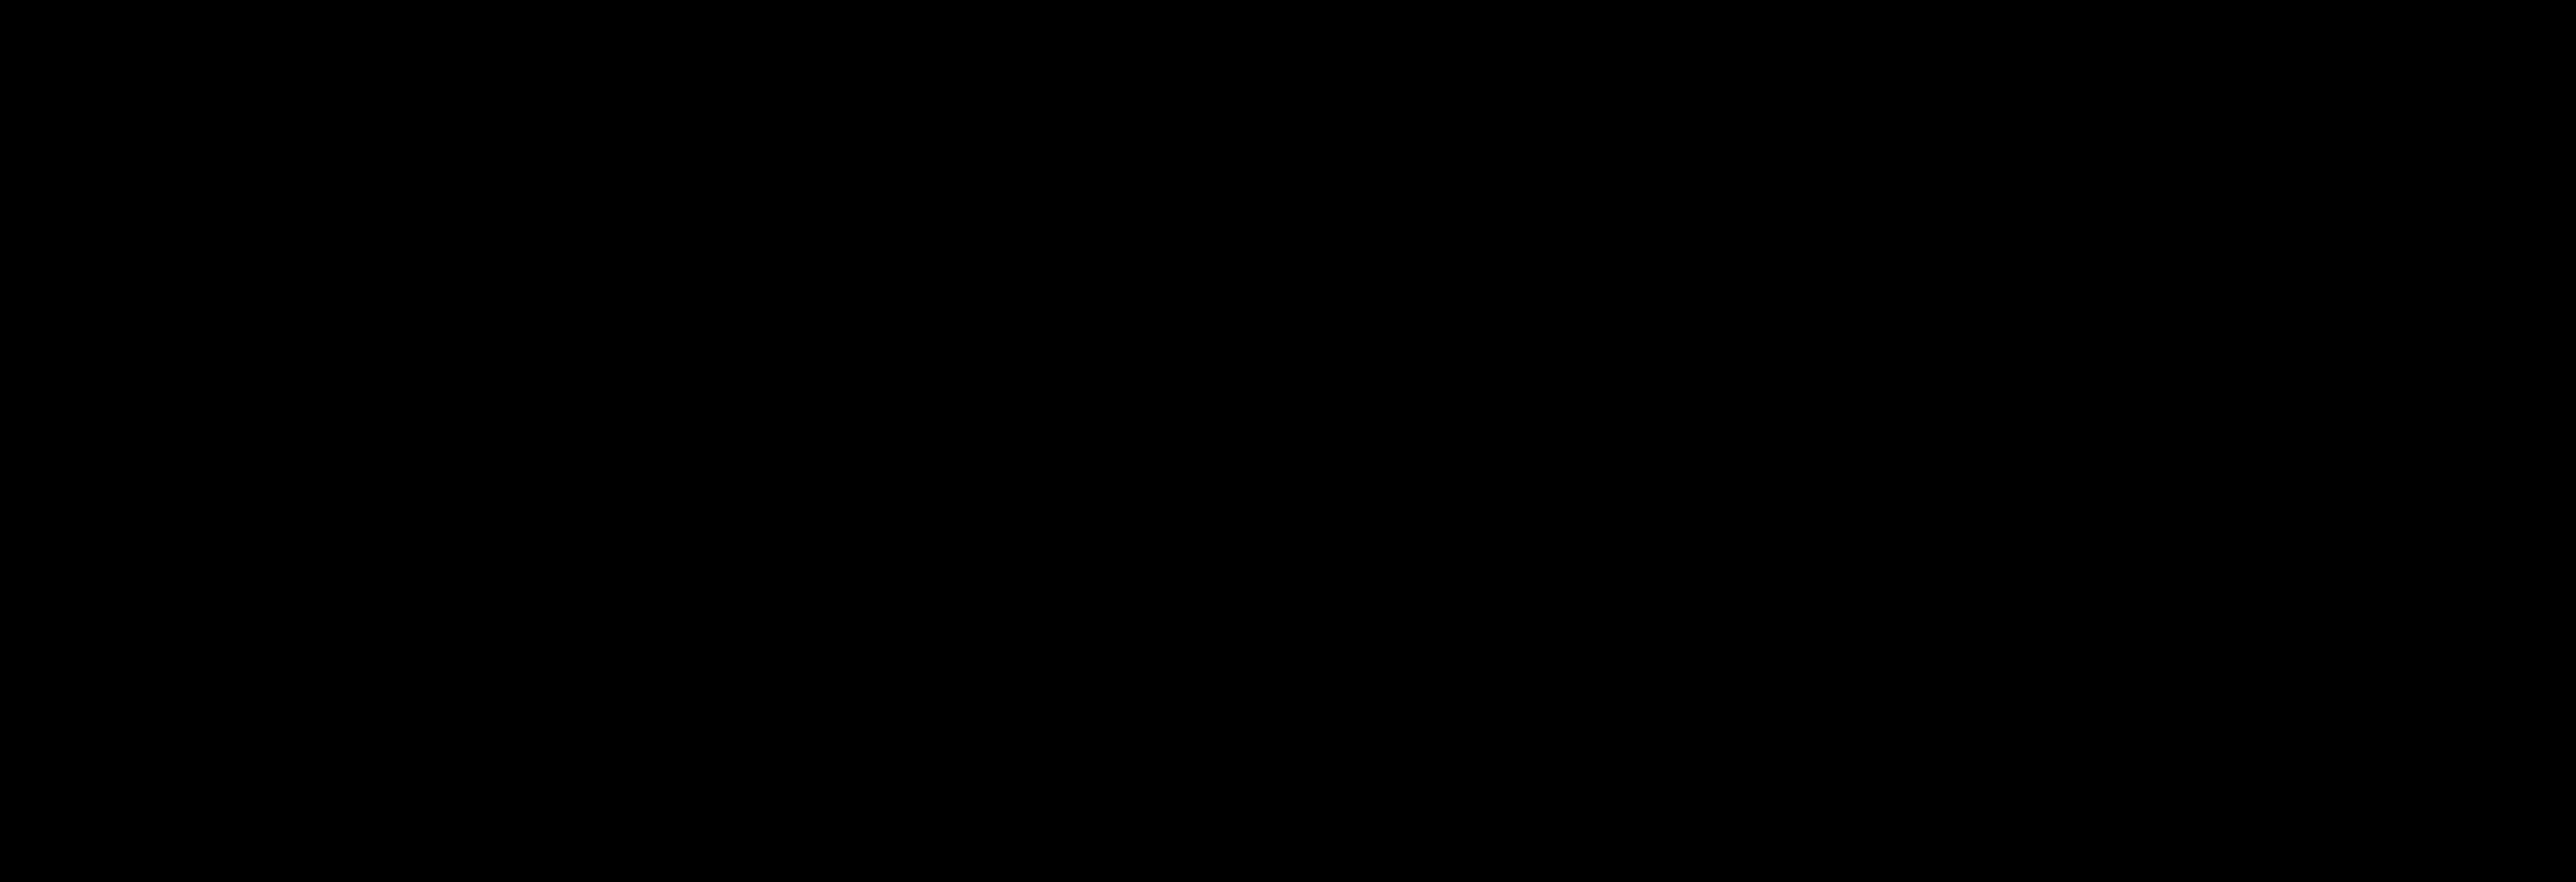 FOUR FAITH